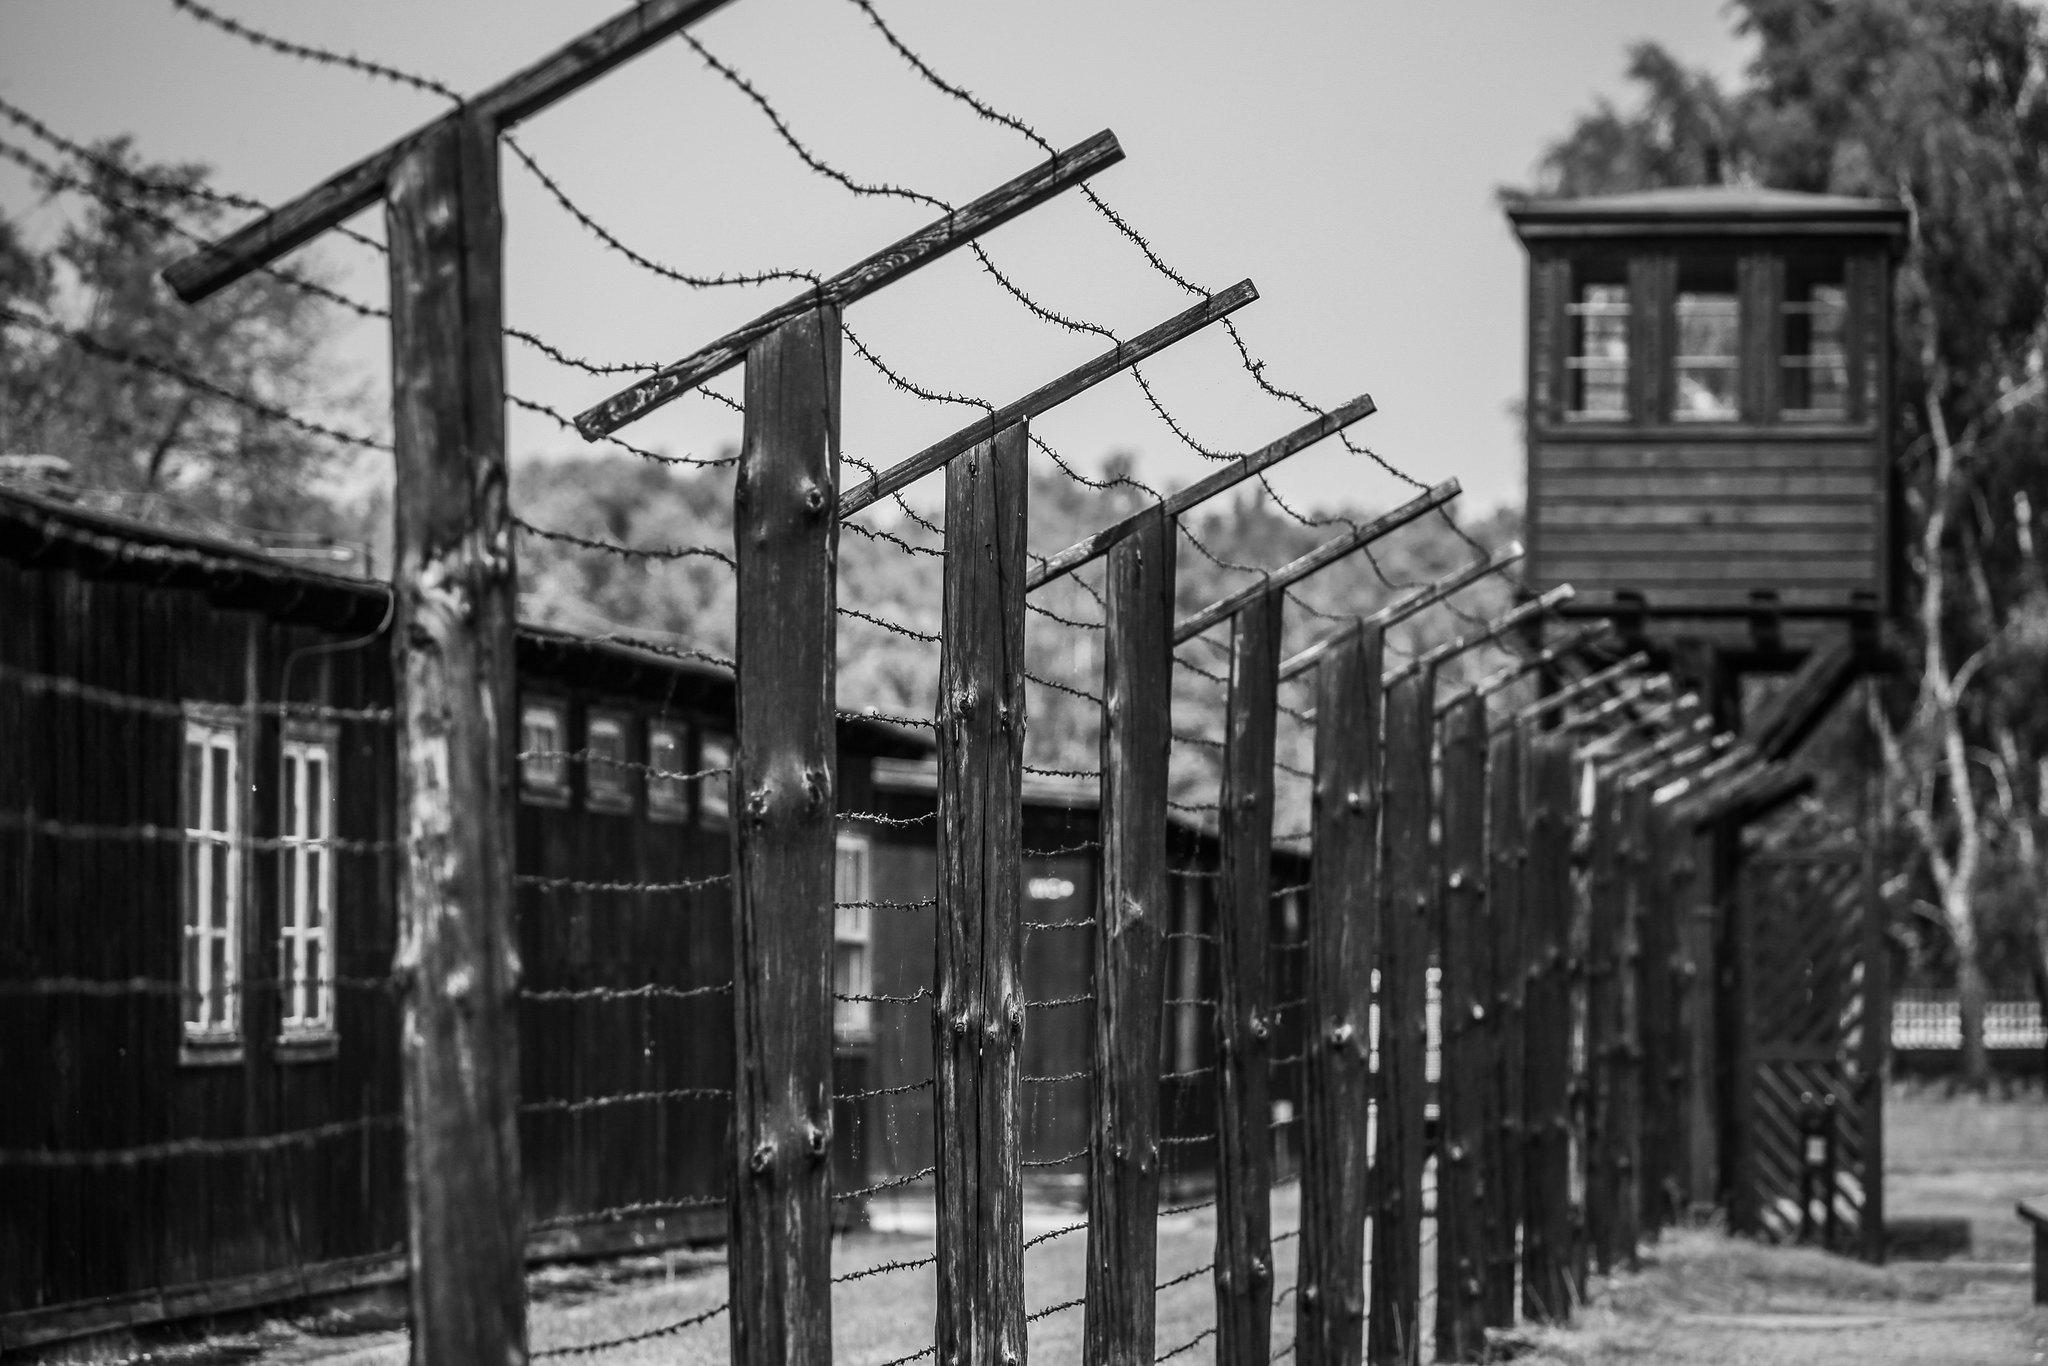 Megtalálták a 96 éves, náci háborús bűnök elkövetésével vádolt nőt, aki a bírósági tárgyalás napján szökött meg